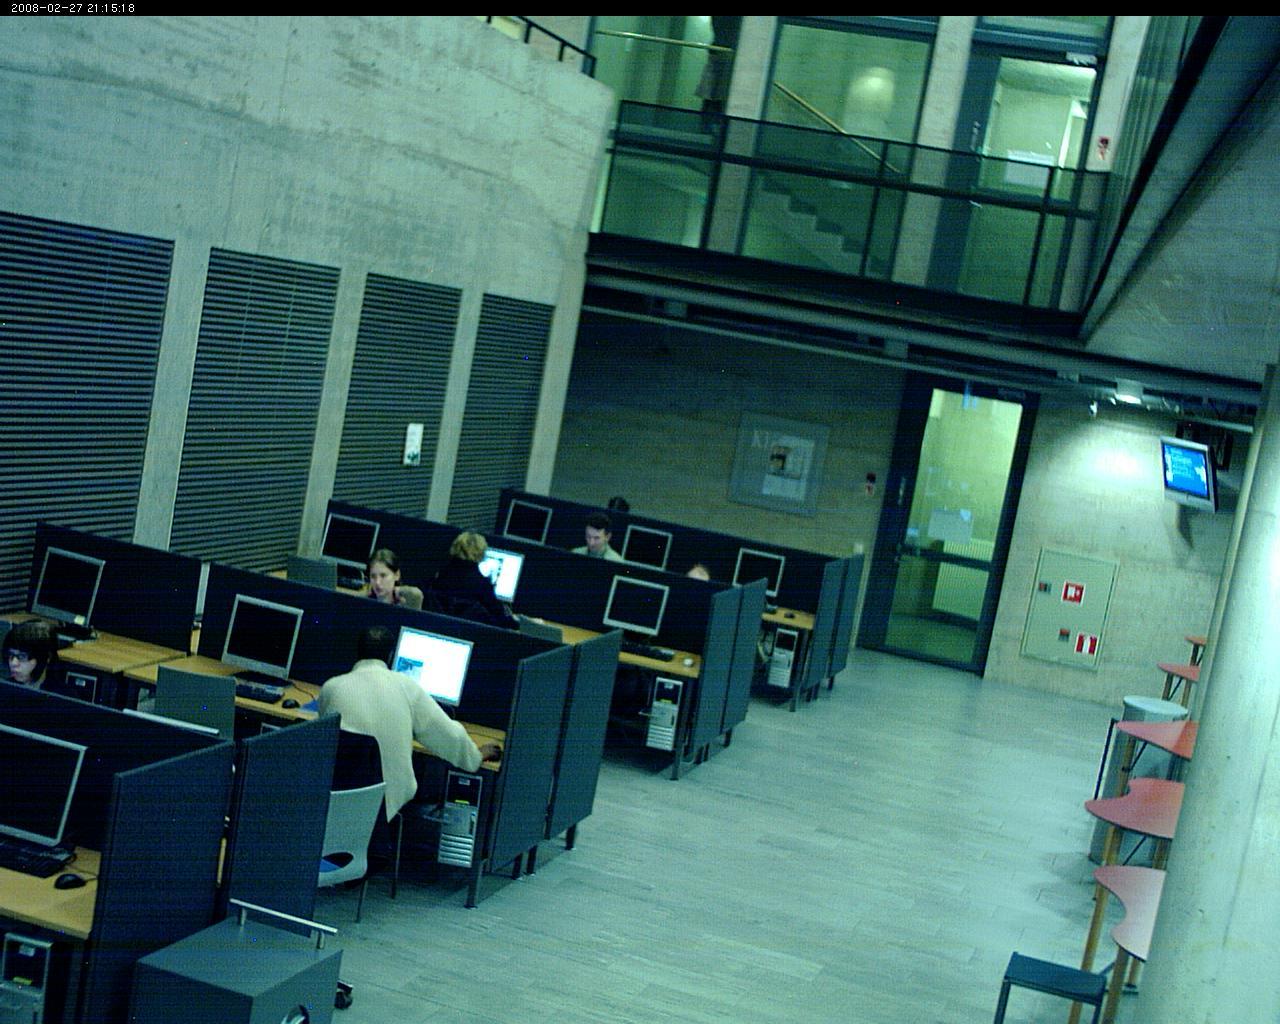 University of Helsinki photo 3